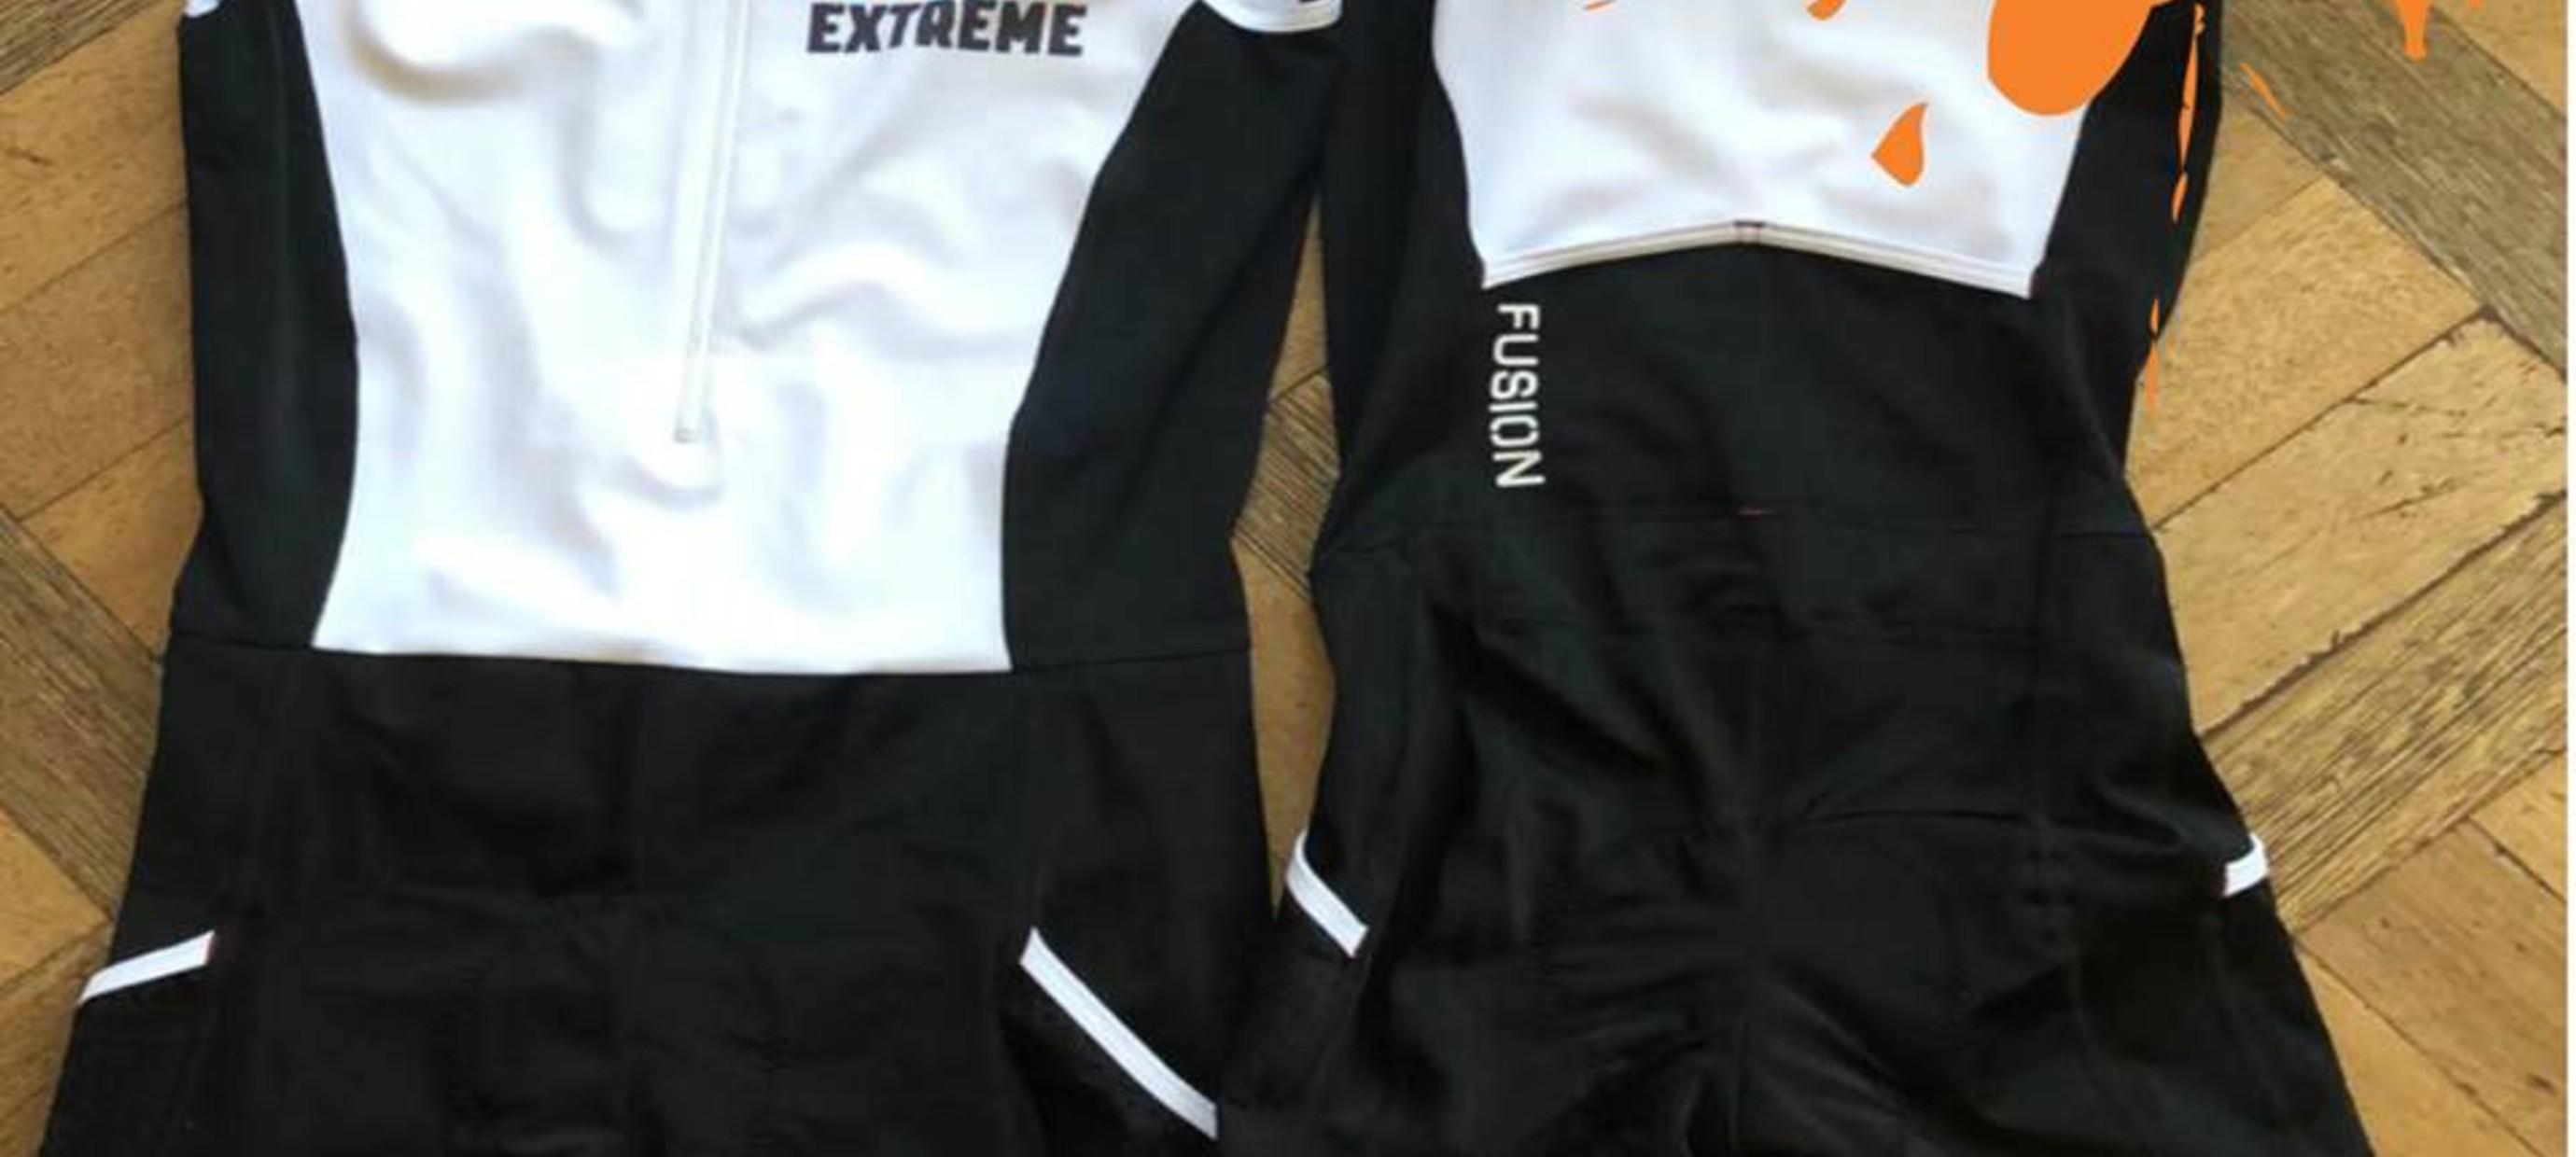 FUSION sponsort de deelnemers van KiKa Extreme!